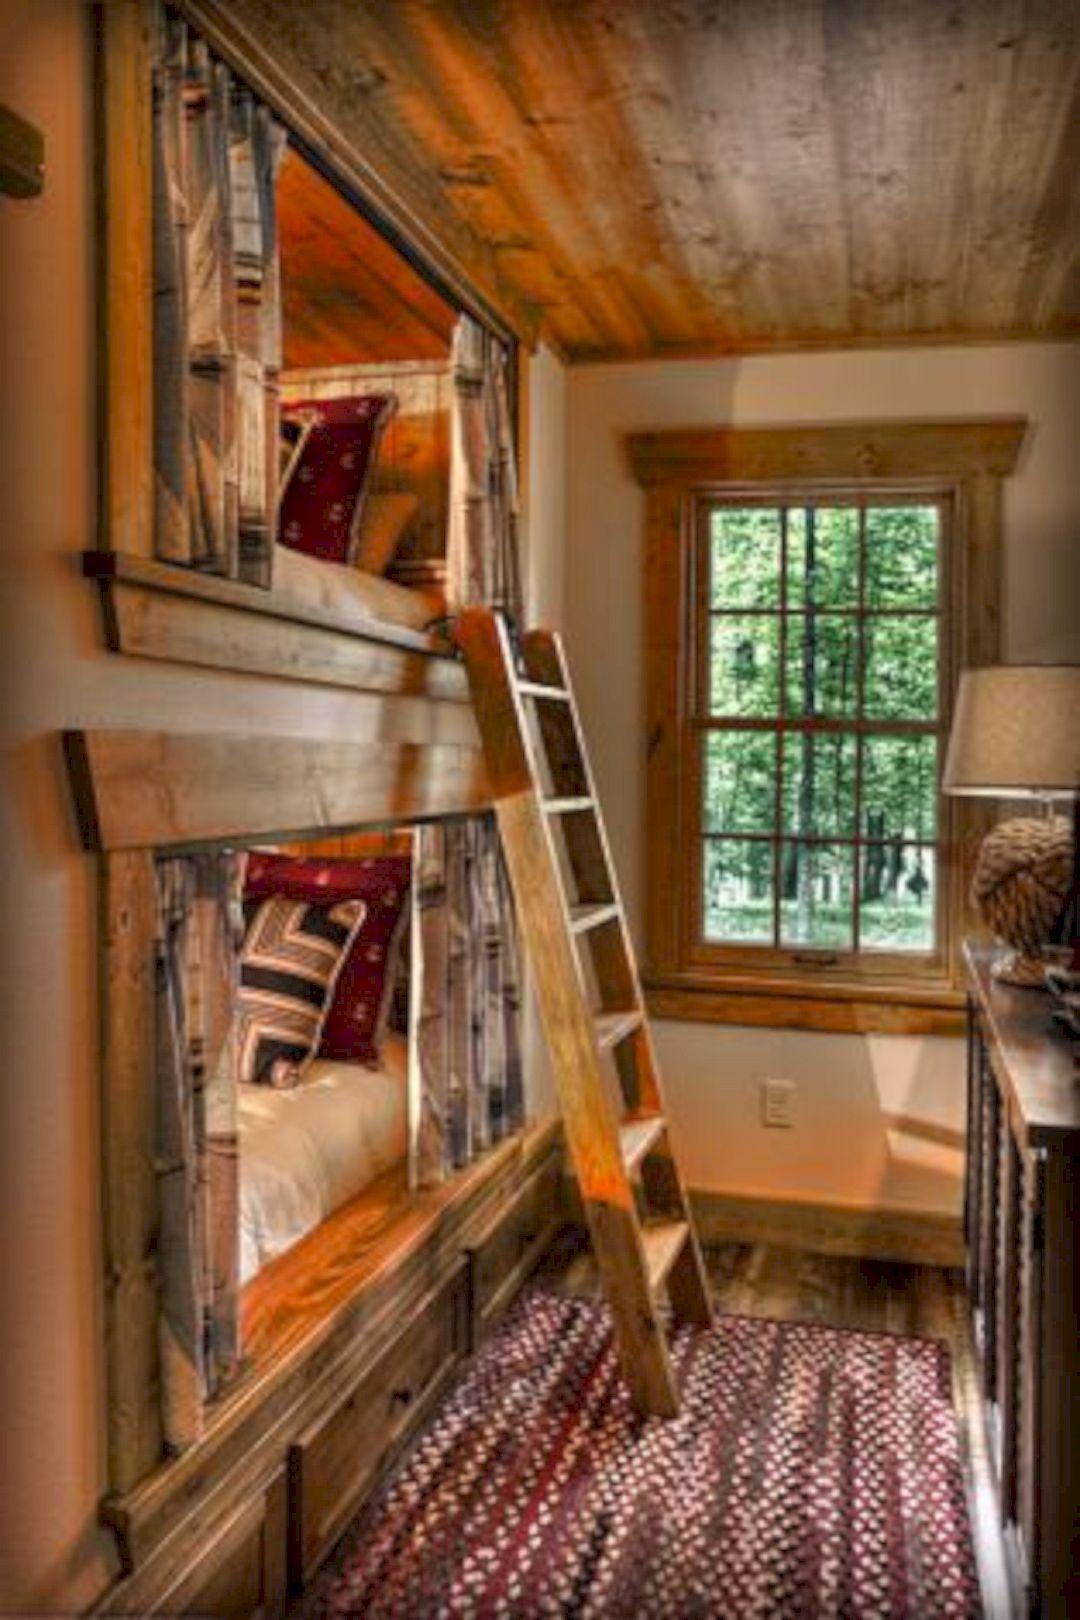 10 Top Kids Bunk Bed Design Ideas Cabin Bunk Beds Bunk Beds Built In Rustic Bedroom